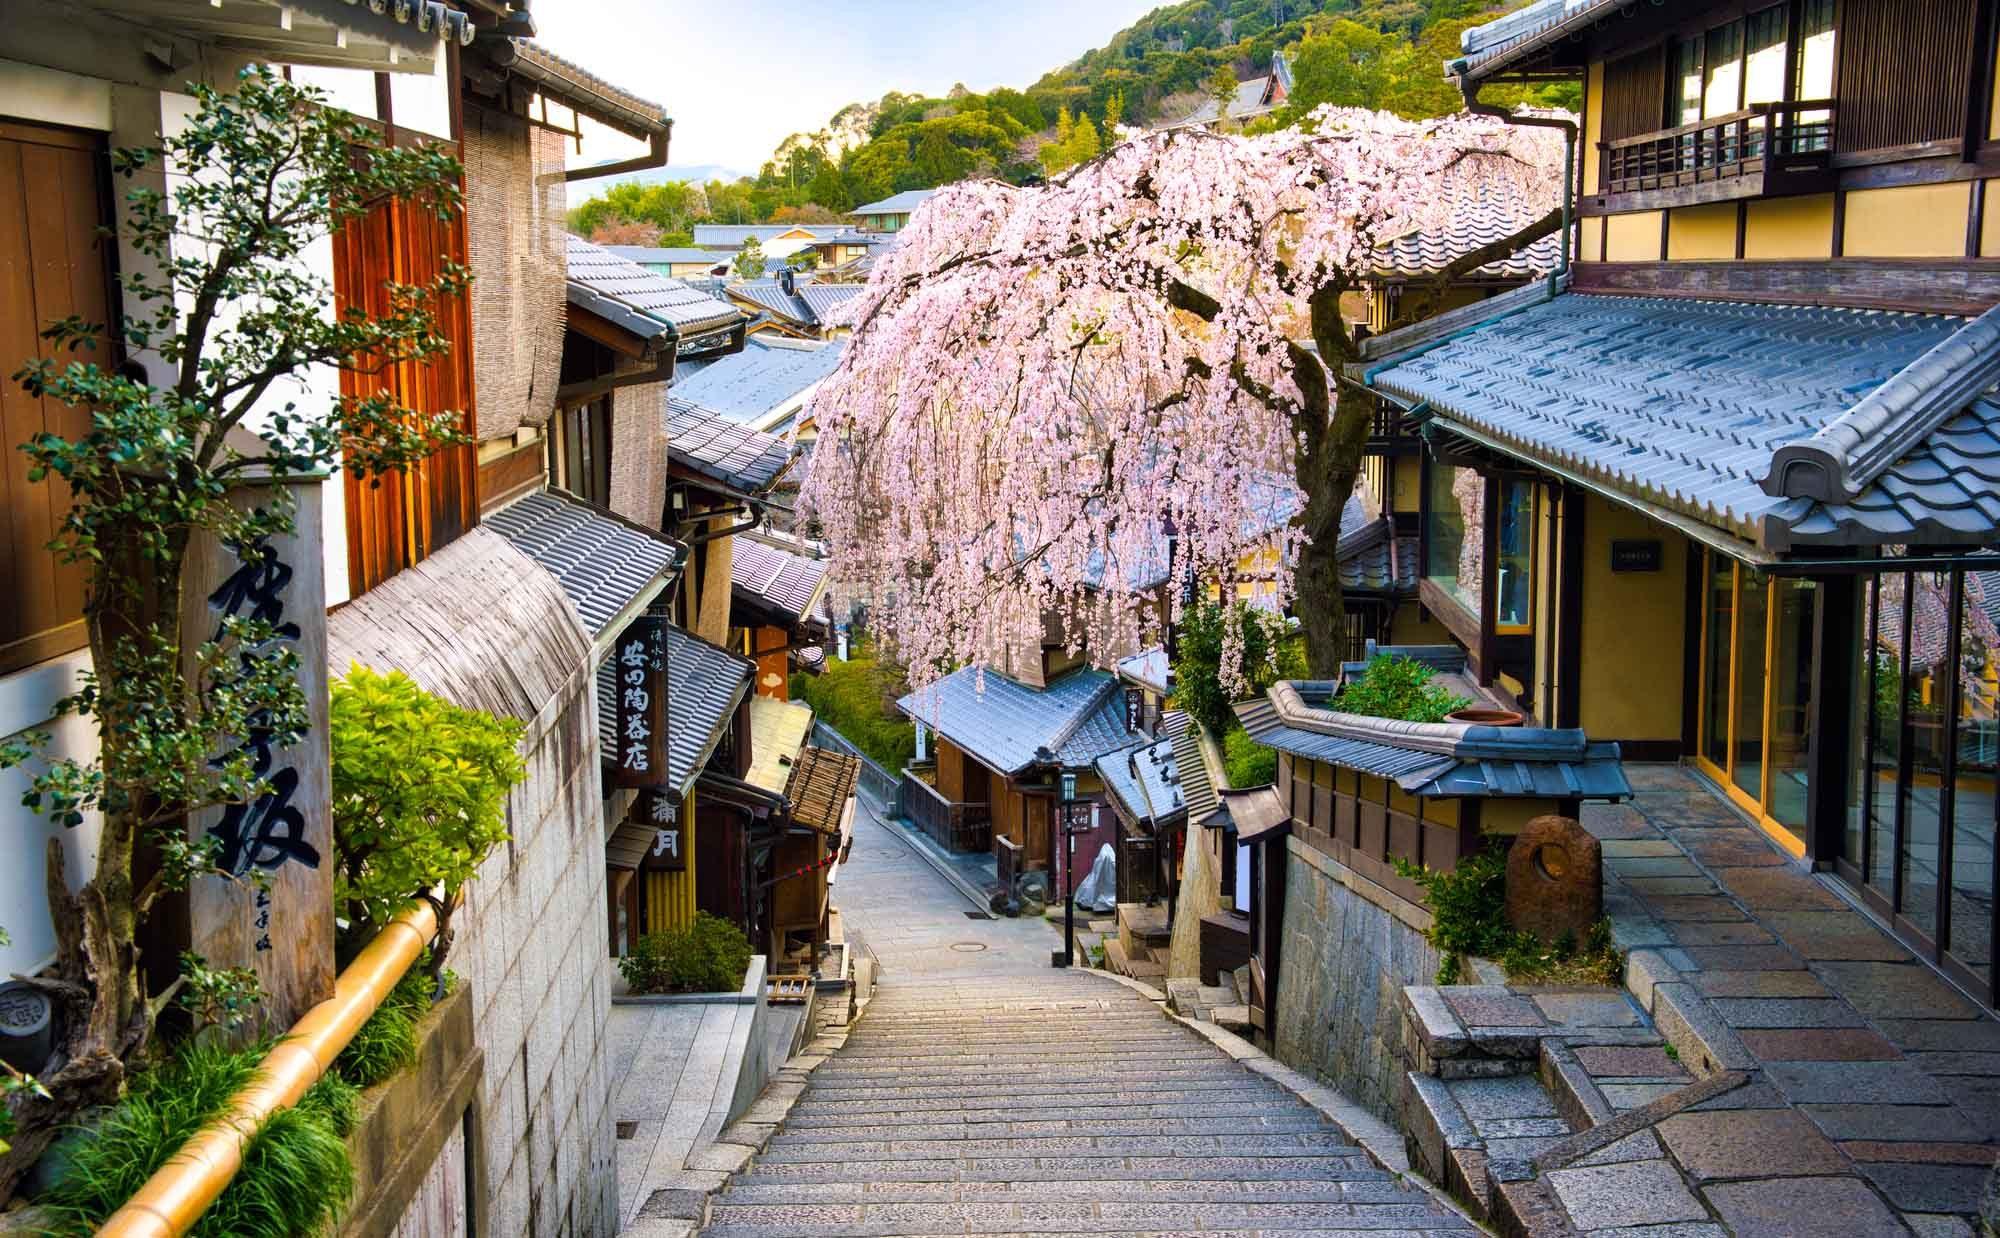 京都で暮らすイメージわきますか? 観光地だけじゃない、ファミリーで暮らす魅力